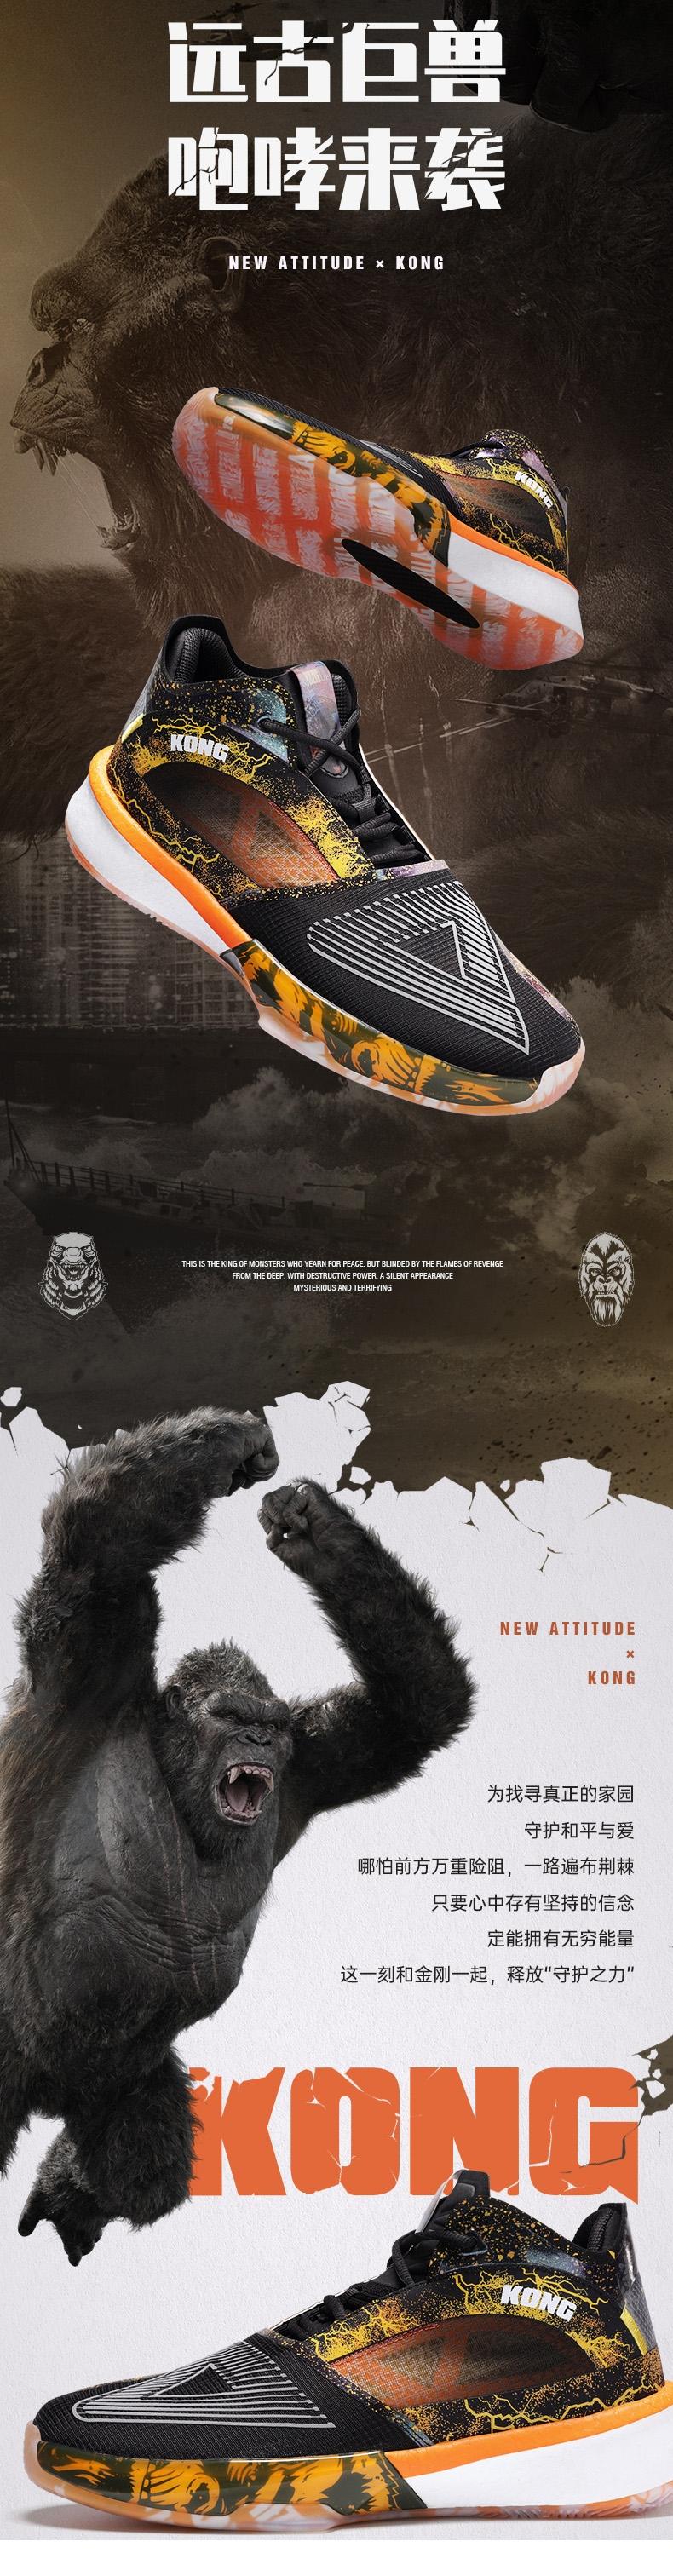 PEAK-Taichi 2021 Andrew Wiggins New Attitude GODZILLA X KONG Basketball Shoes